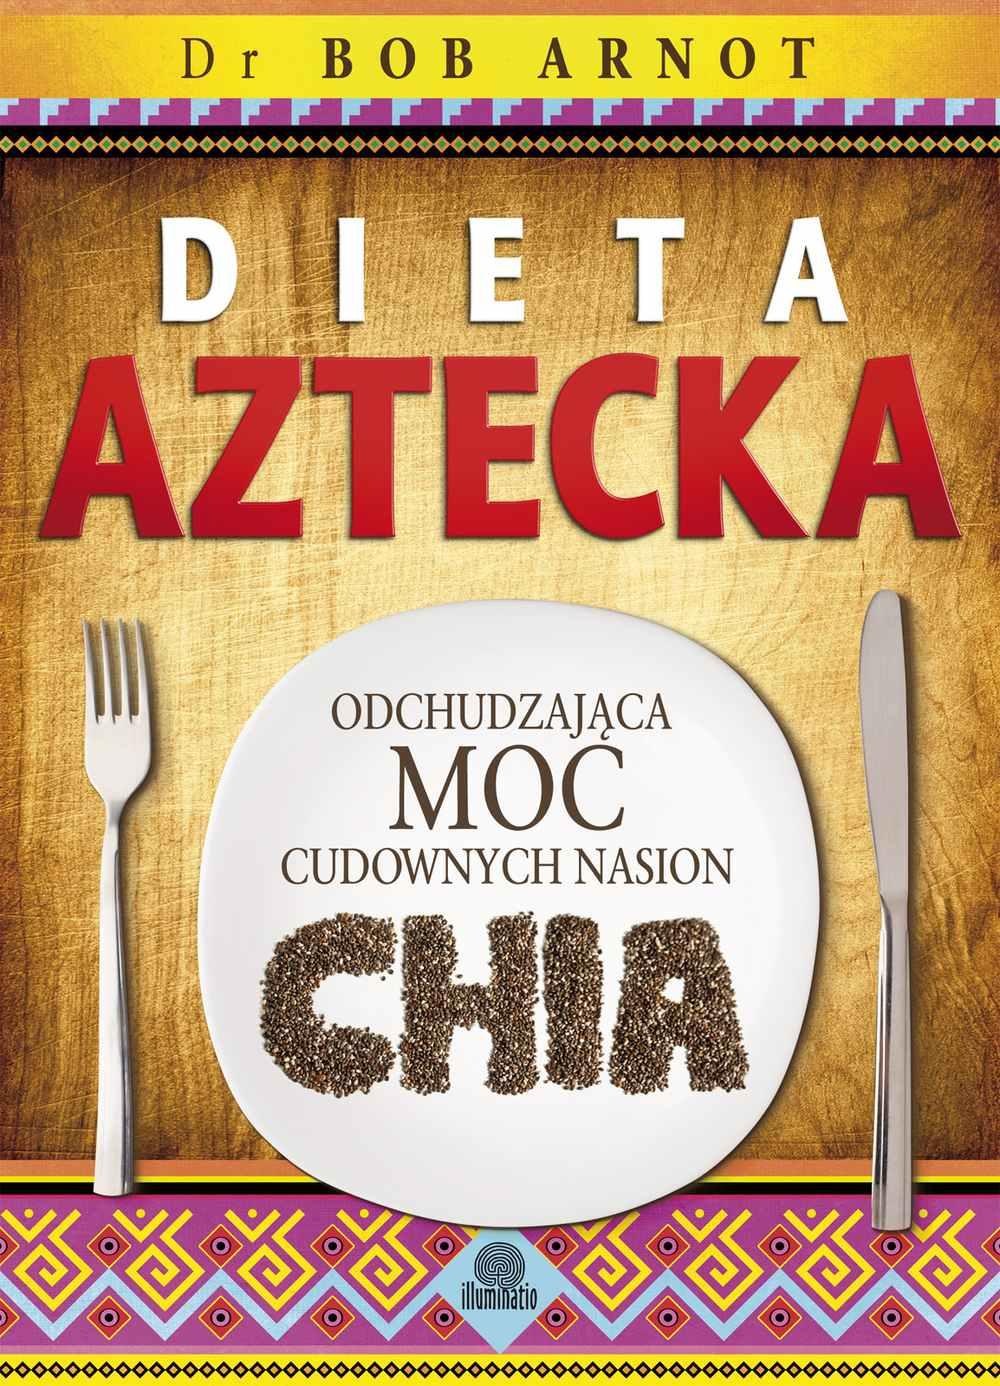 Dieta aztecka. Odchudzająca moc cudownych nasion chia - Ebook (Książka EPUB) do pobrania w formacie EPUB